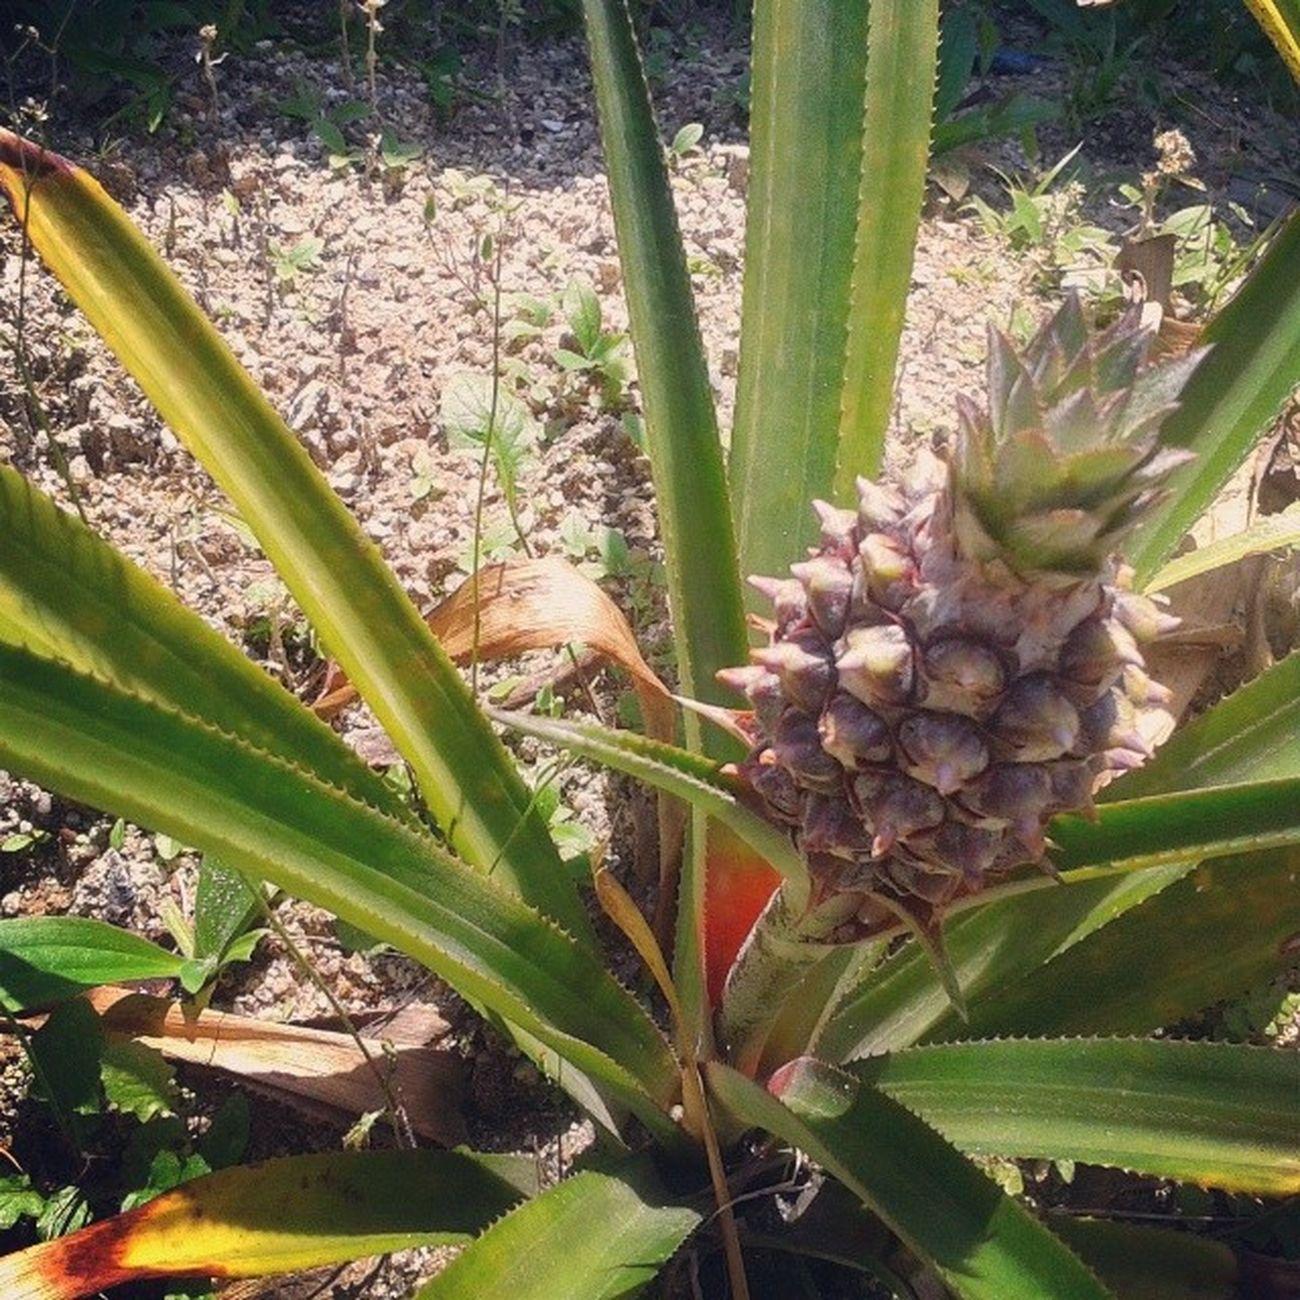 Abacaxi Boatarde Quintafeira Plantado na areia casa quintal fruta ((: abacsxi plantado na areia de casa de frutos rsrsrs